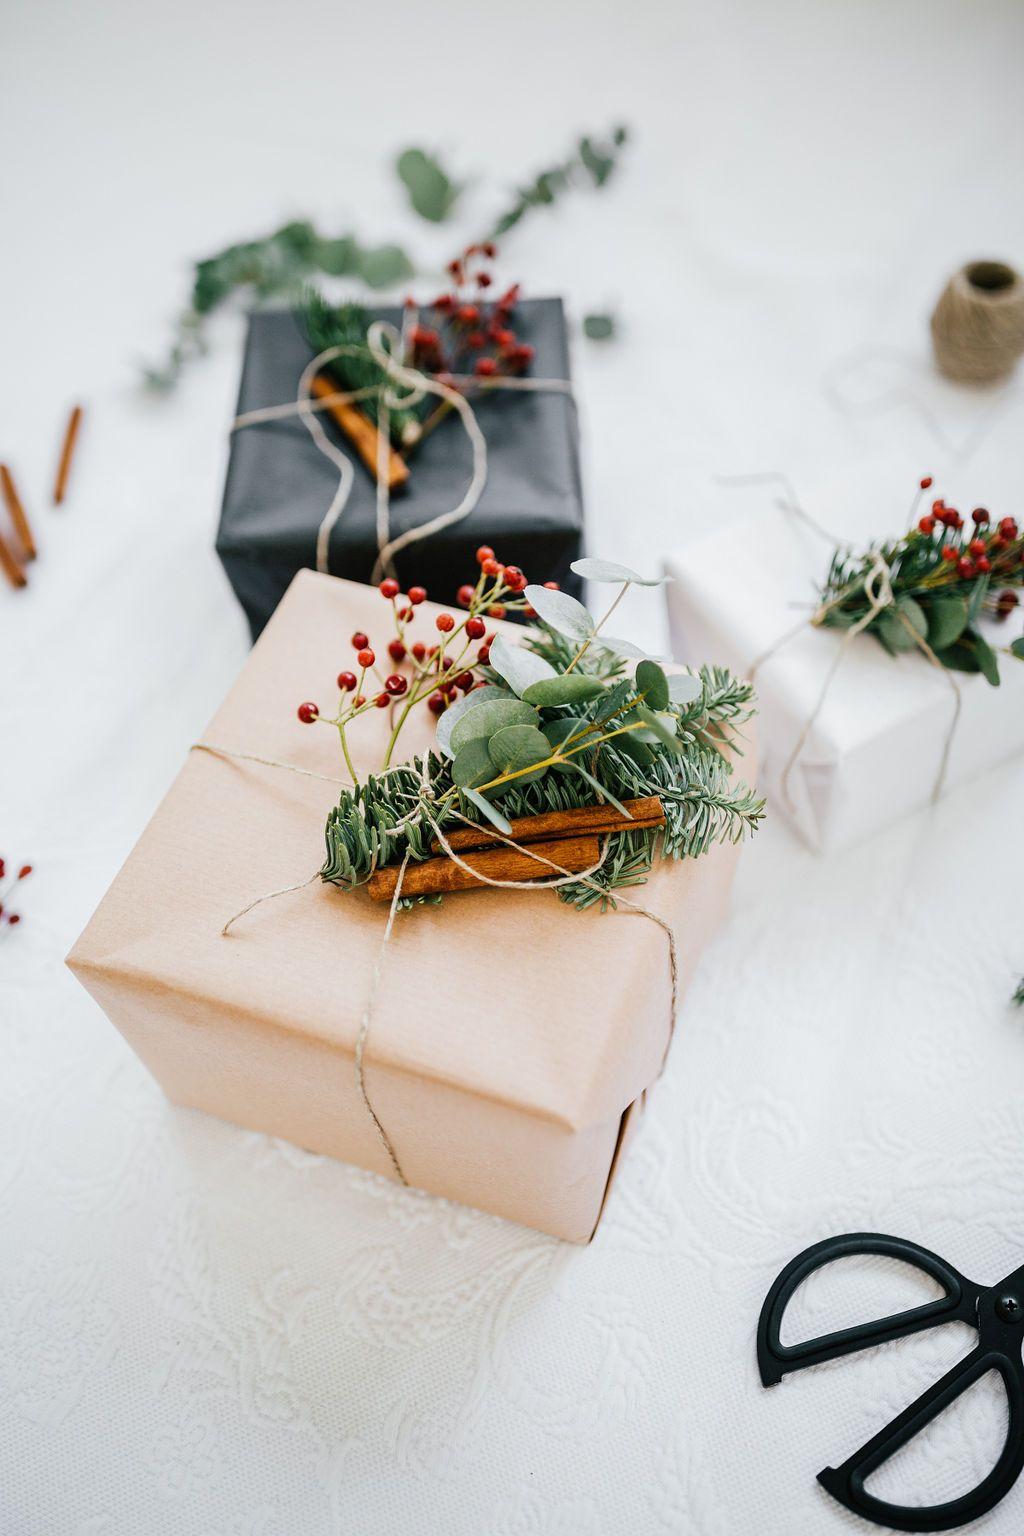 Weihnachtsgeschenke Pinterest.Geschenkpapier Ideen Diy Weihnachten Diy Weihnachten